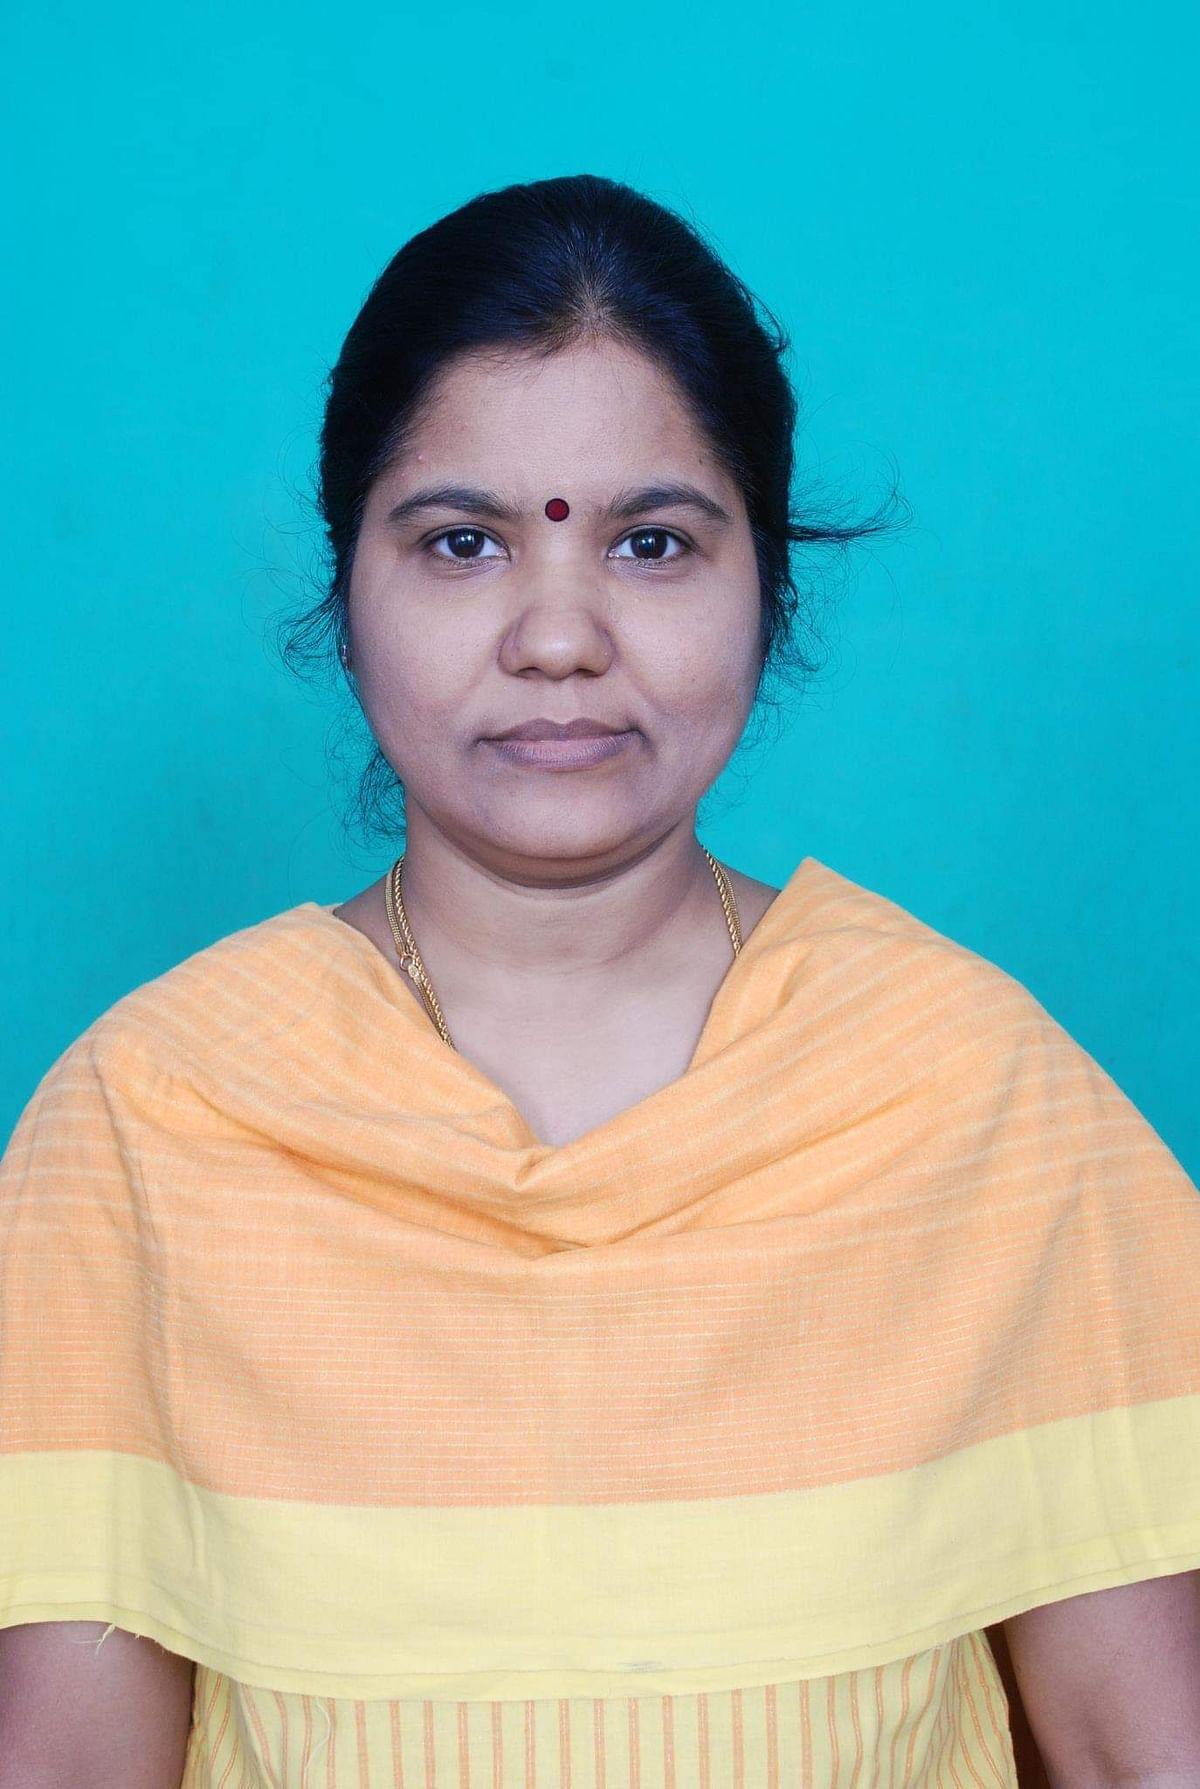 மருத்துவர் சாந்தி ரவீந்திரநாத்